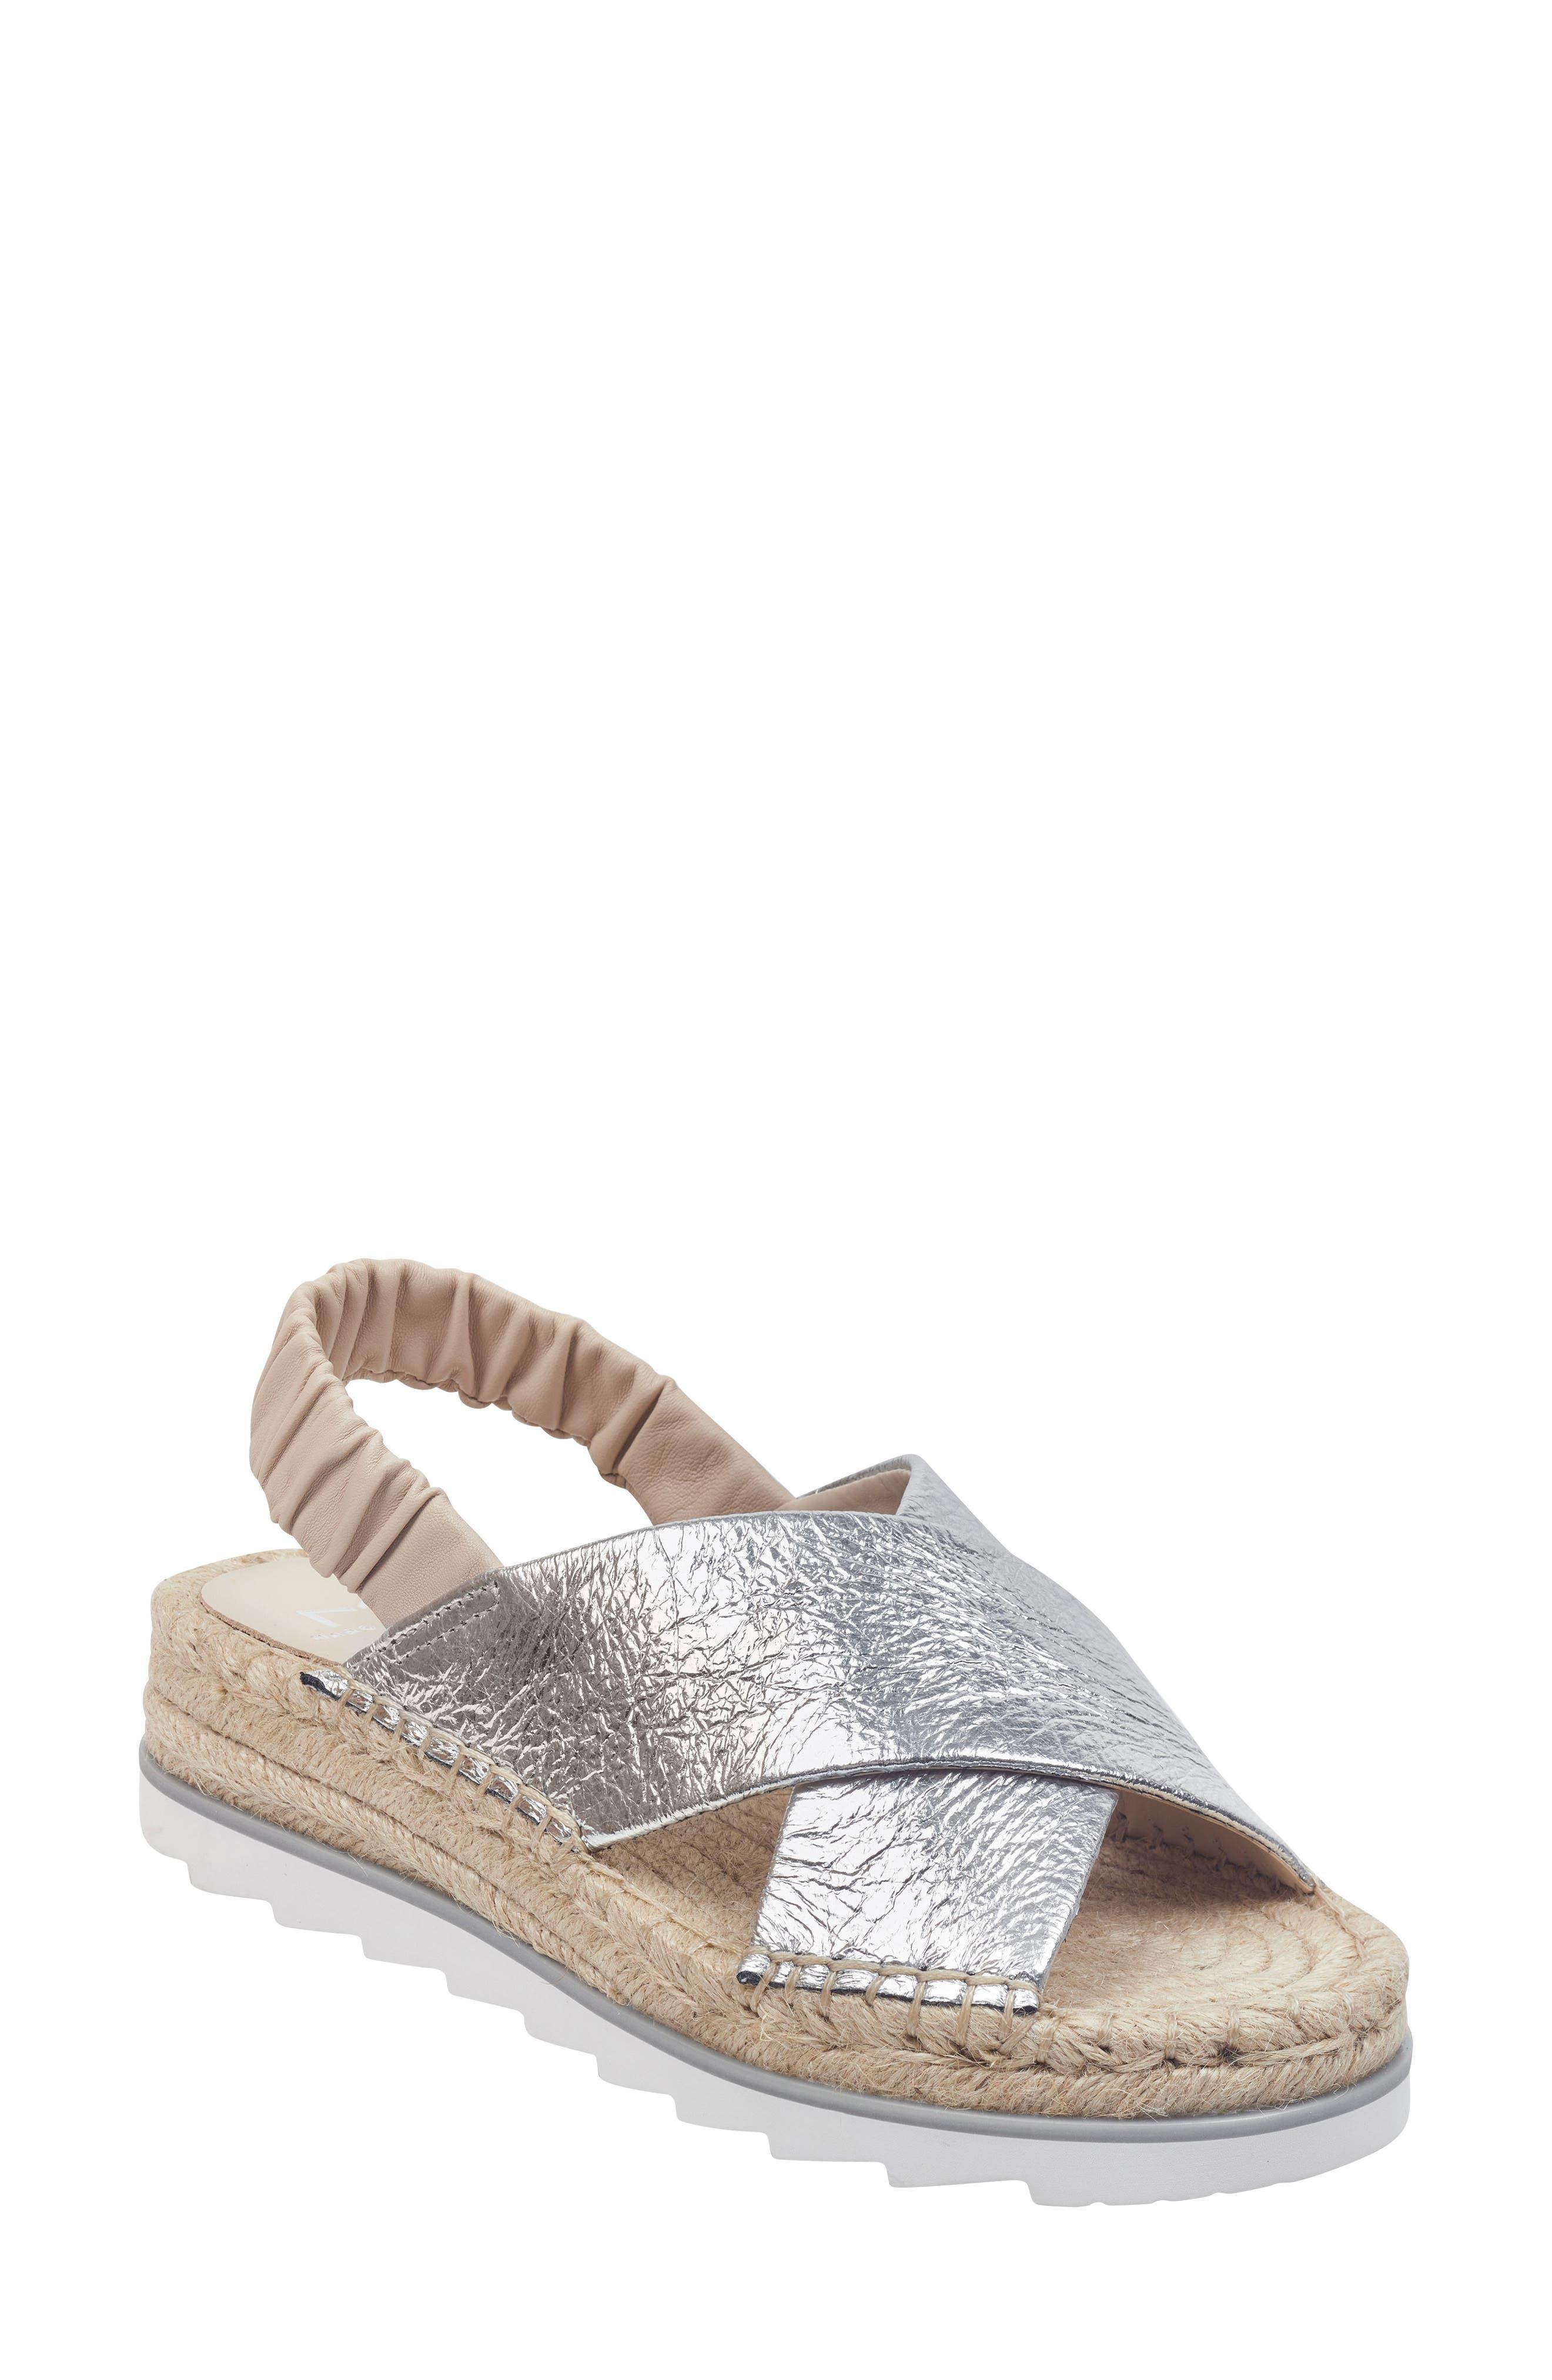 Marc Fisher Ltd Pella Sandal, Metallic